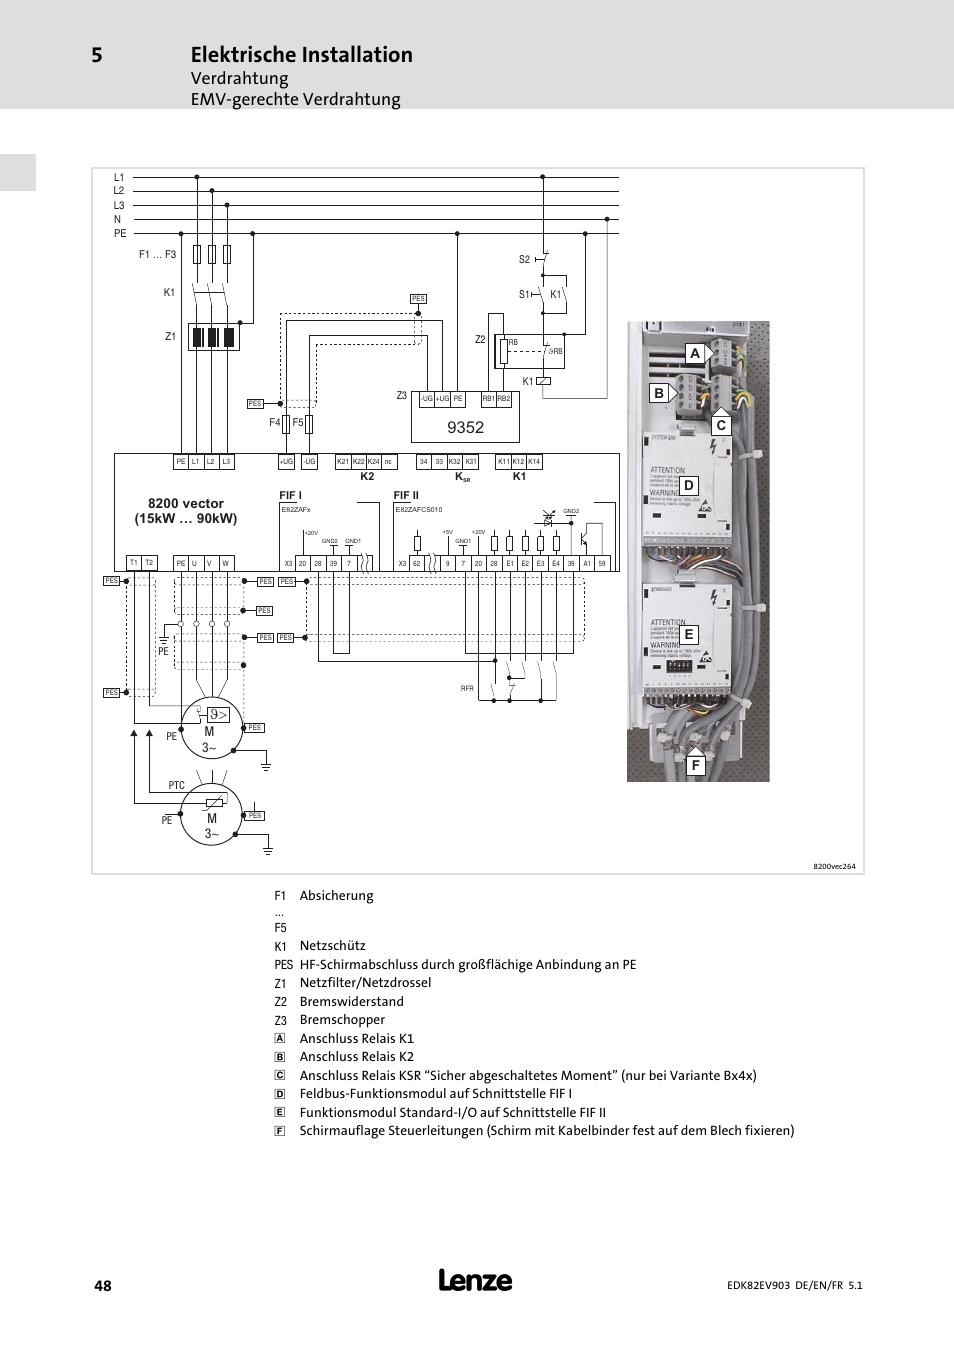 elektrische installation  verdrahtung emv u2212gerechte